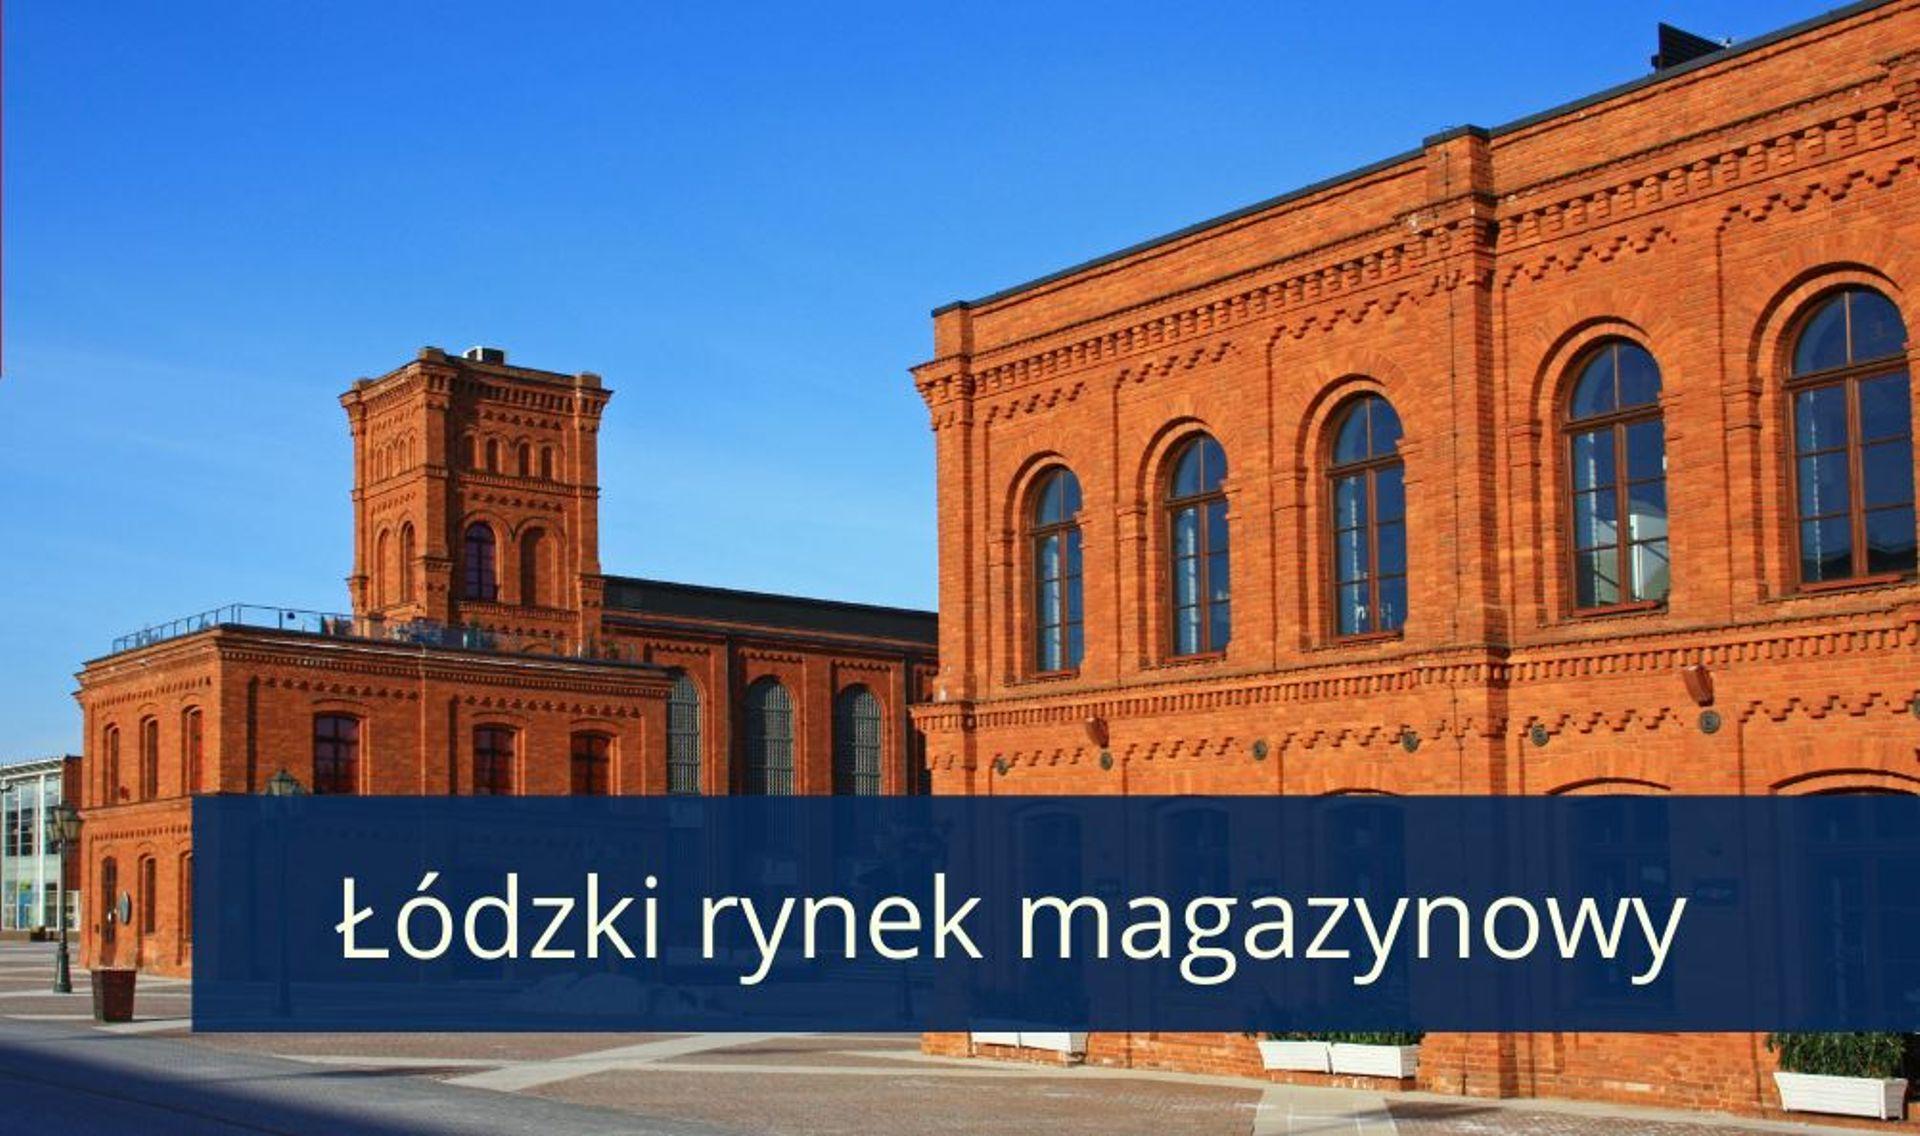 Rynek magazynowy w Łodzi – logistyczne serce Polski